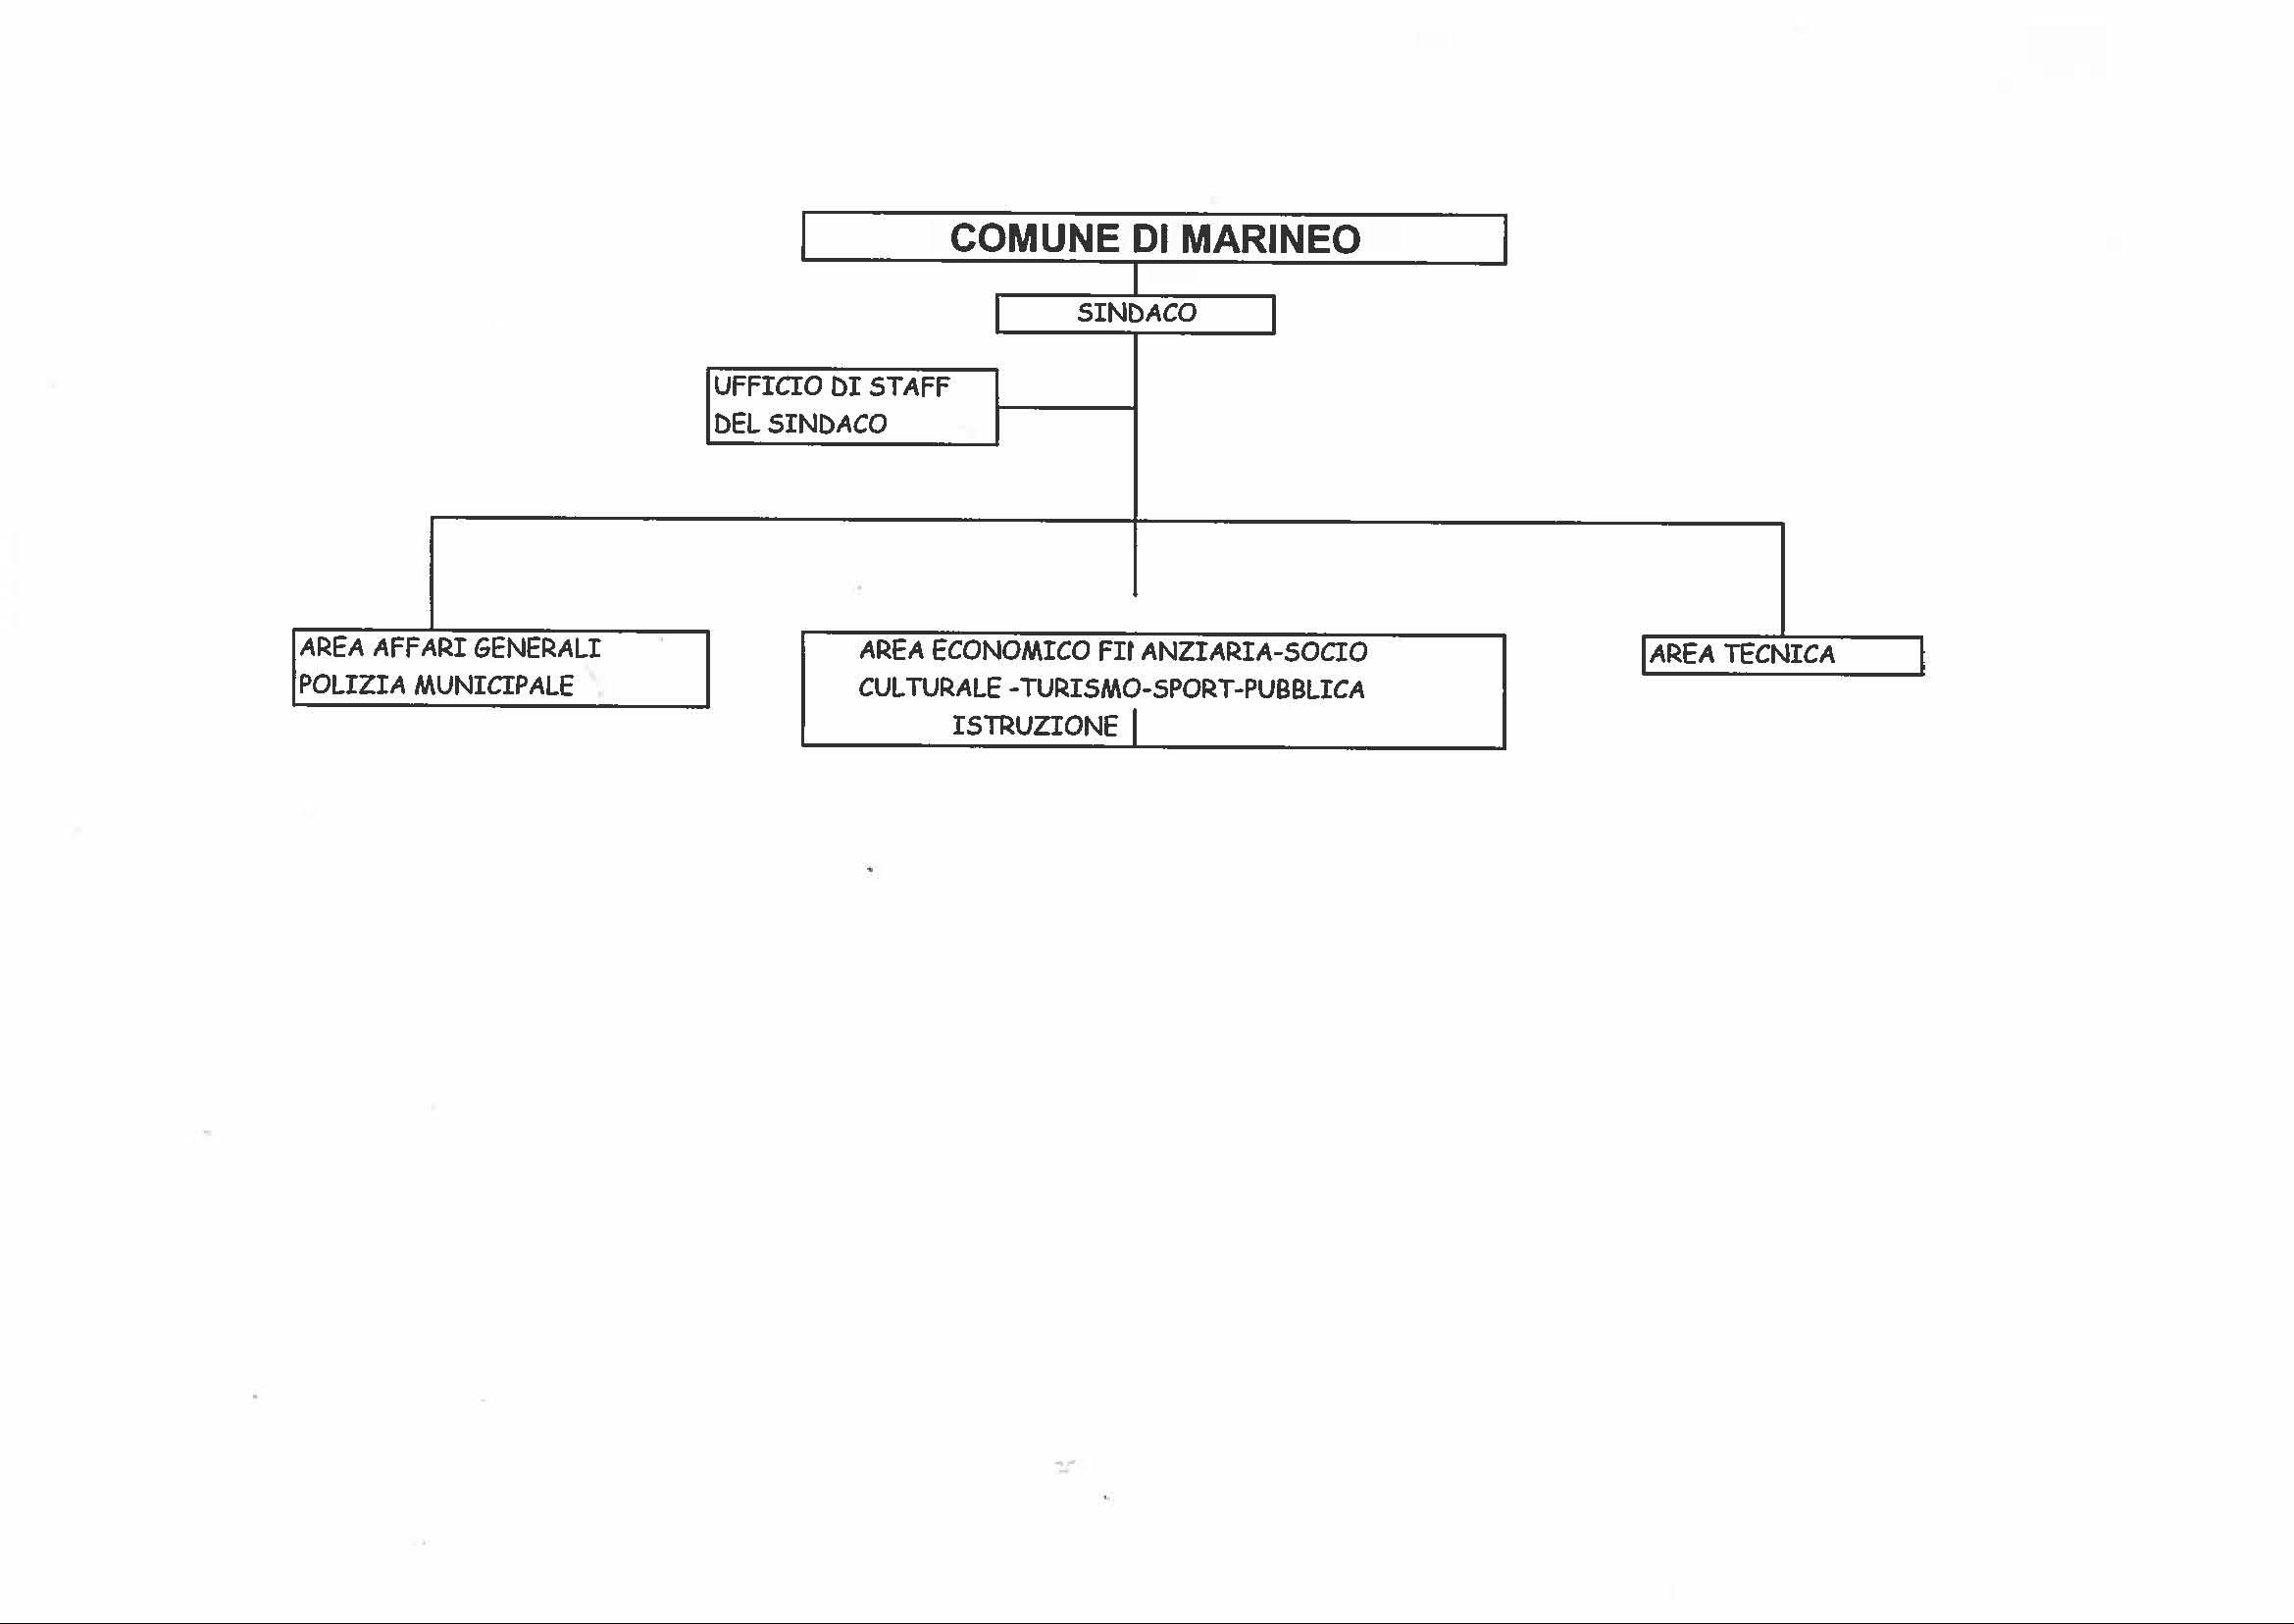 organigramma del gc 09.17